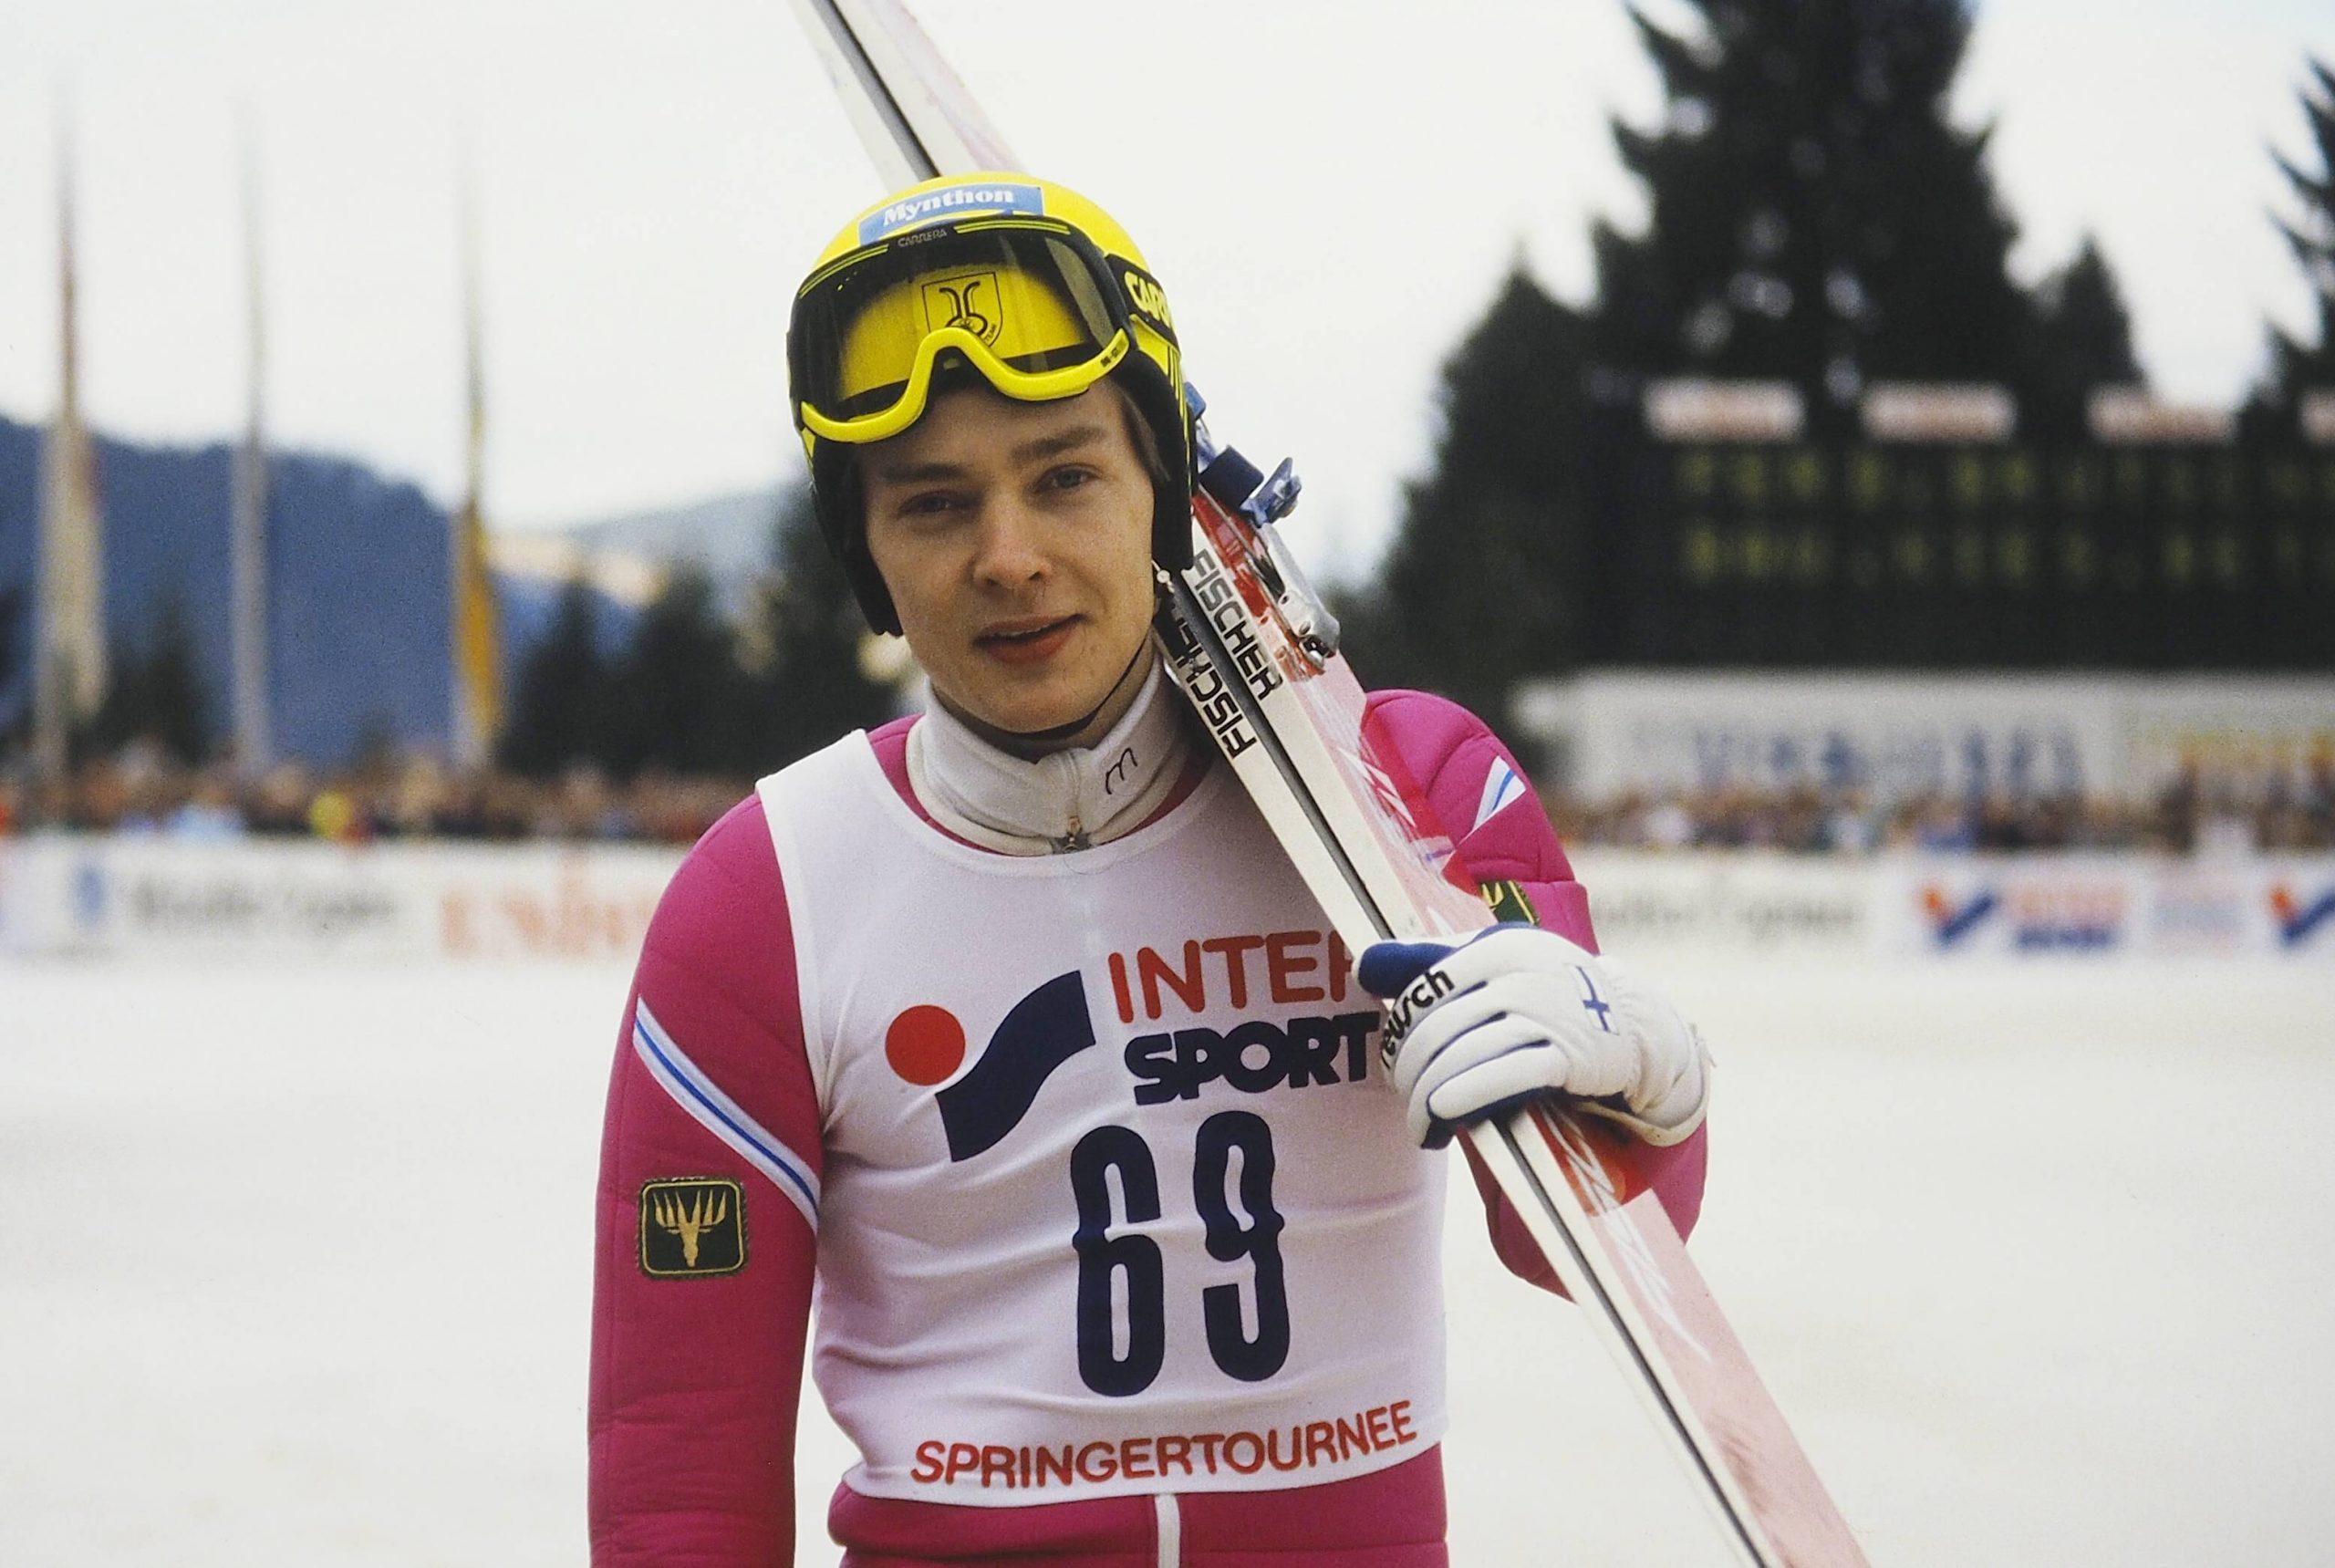 Skispringen: Tuomo Yilipulli mit 56 Jahren gestorben | MOPO